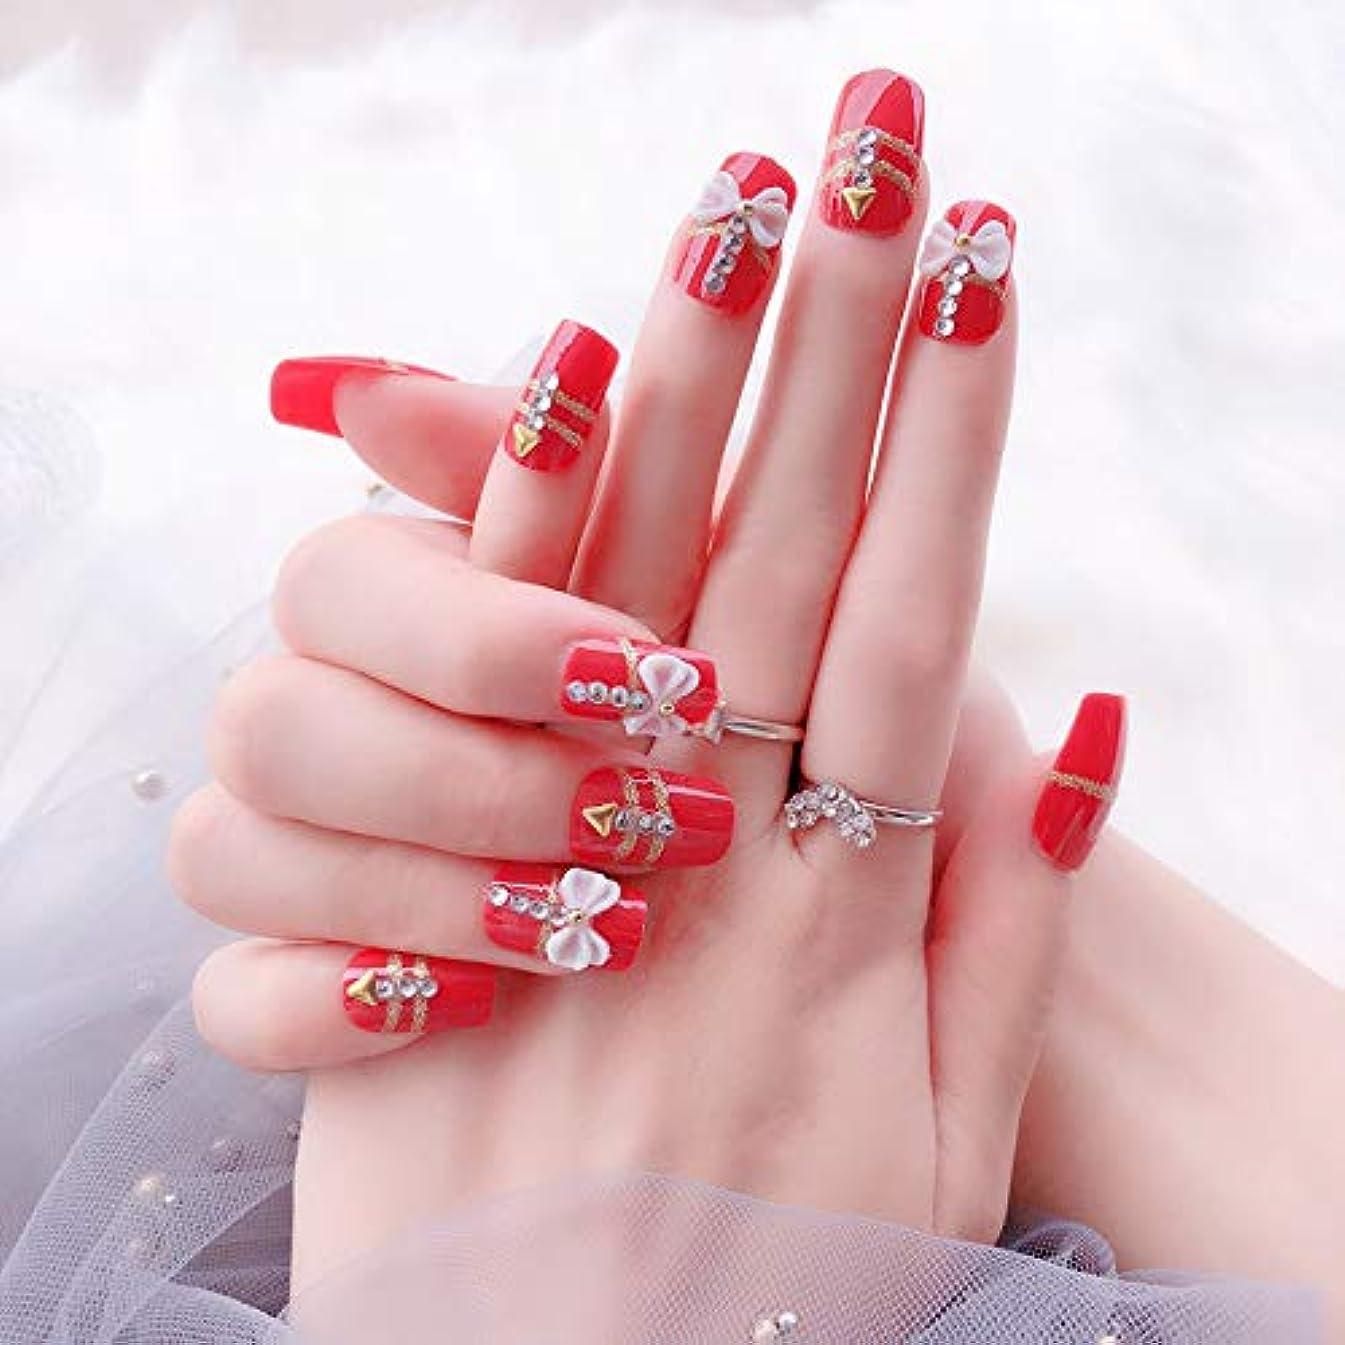 サージポンペイ行動花嫁ネイル 手作りネイルチップ 和装 ネイル 24枚入 結婚式、パーティー、二次会など 可愛い優雅ネイル 蝶の飾り付け (レッド)